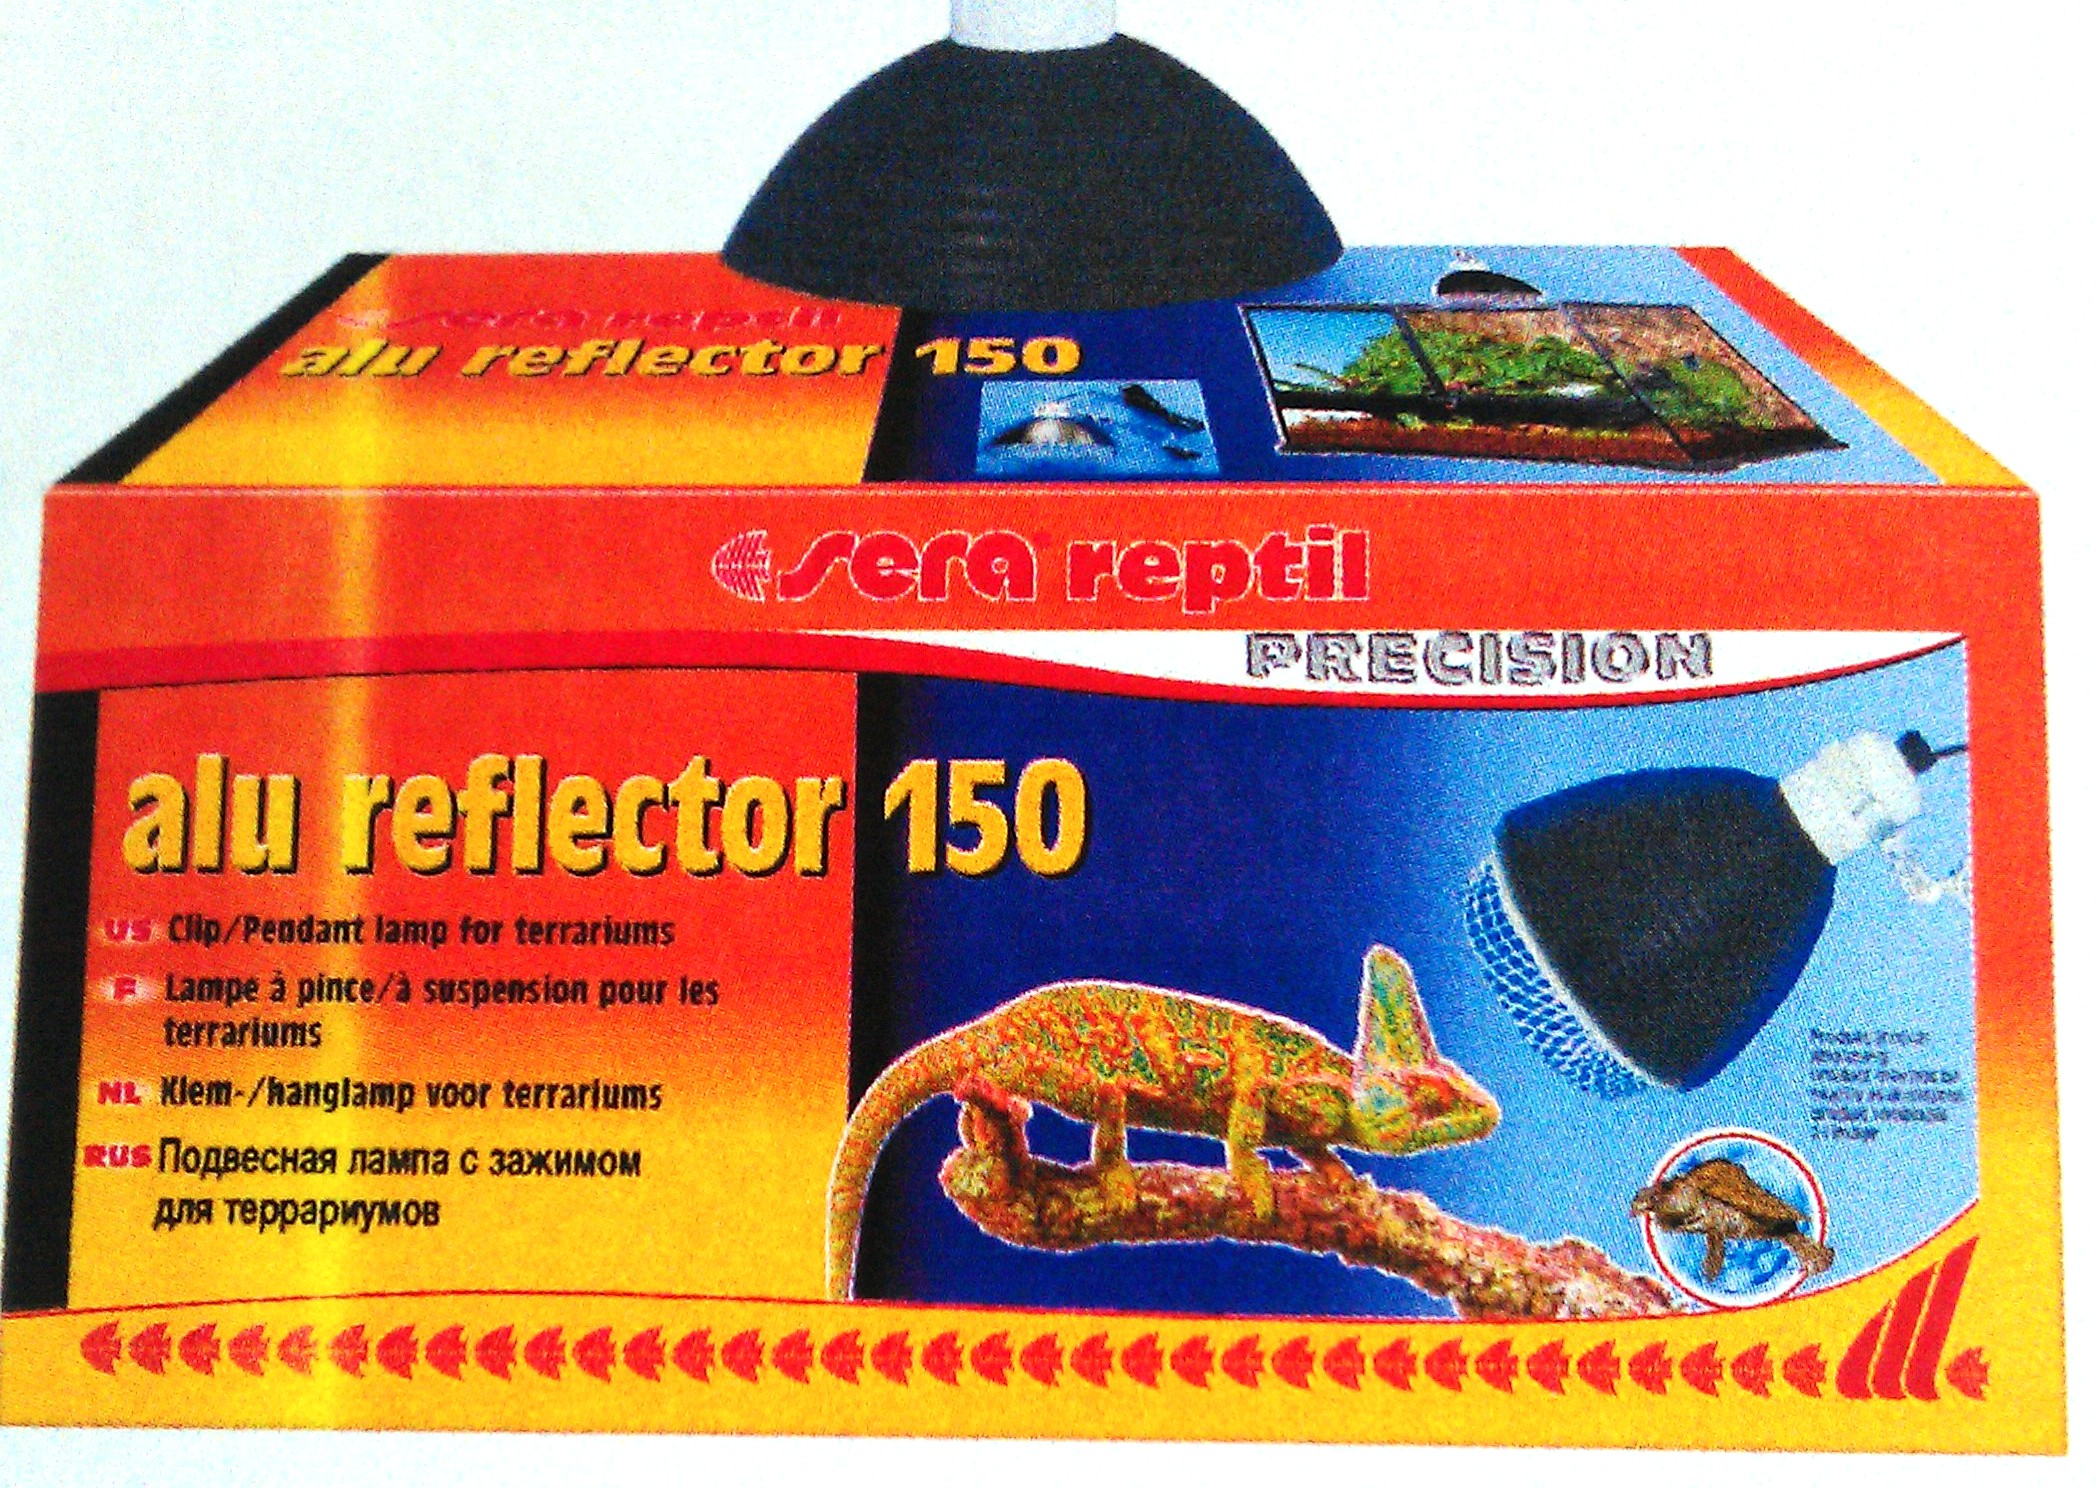 Подвес. светильник с зажим. д/терр. SERA reptil рефлектор, 200 Вт, диам. 20 см от Ravta